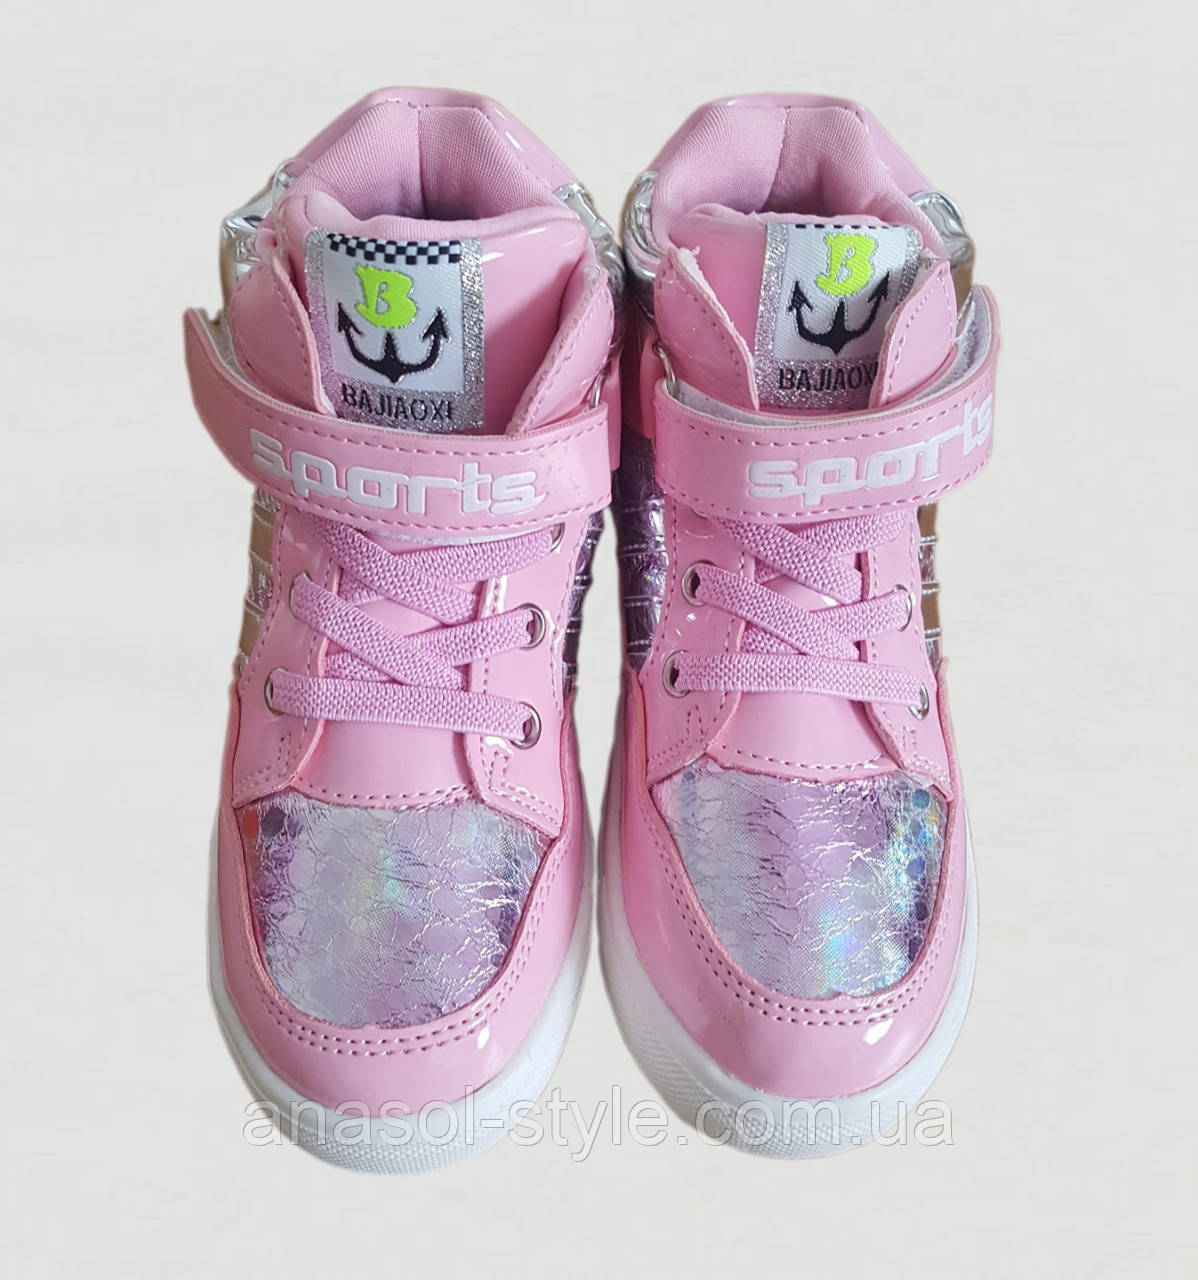 Кроссовки демисезонные на девочку на липучках лаковые розовые